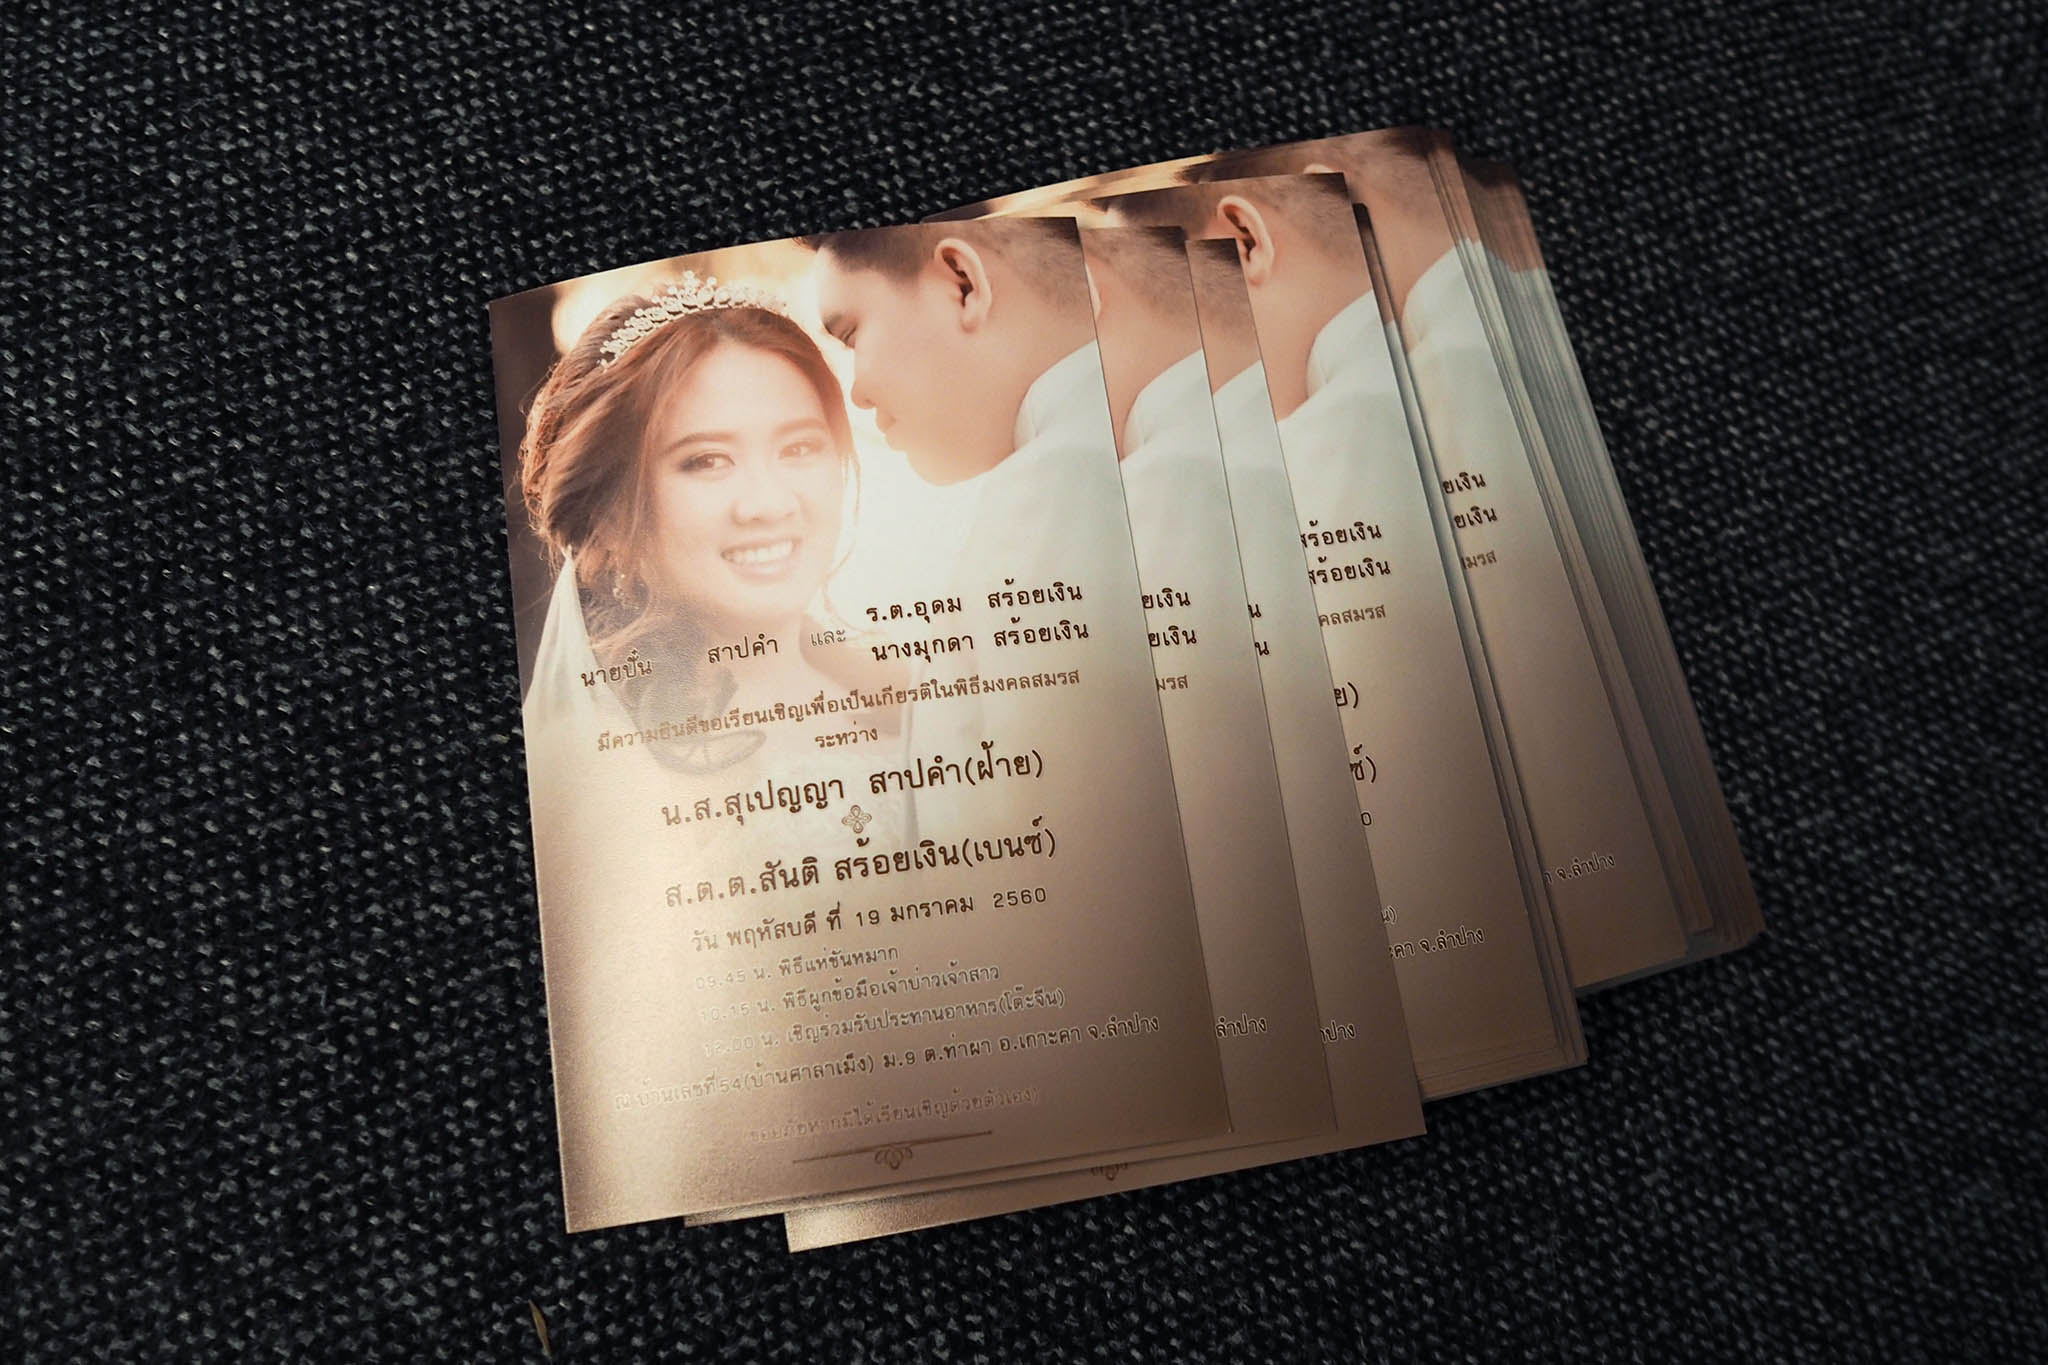 อัดรูปออนไลน์ - การ์ดงานแต่งงาน